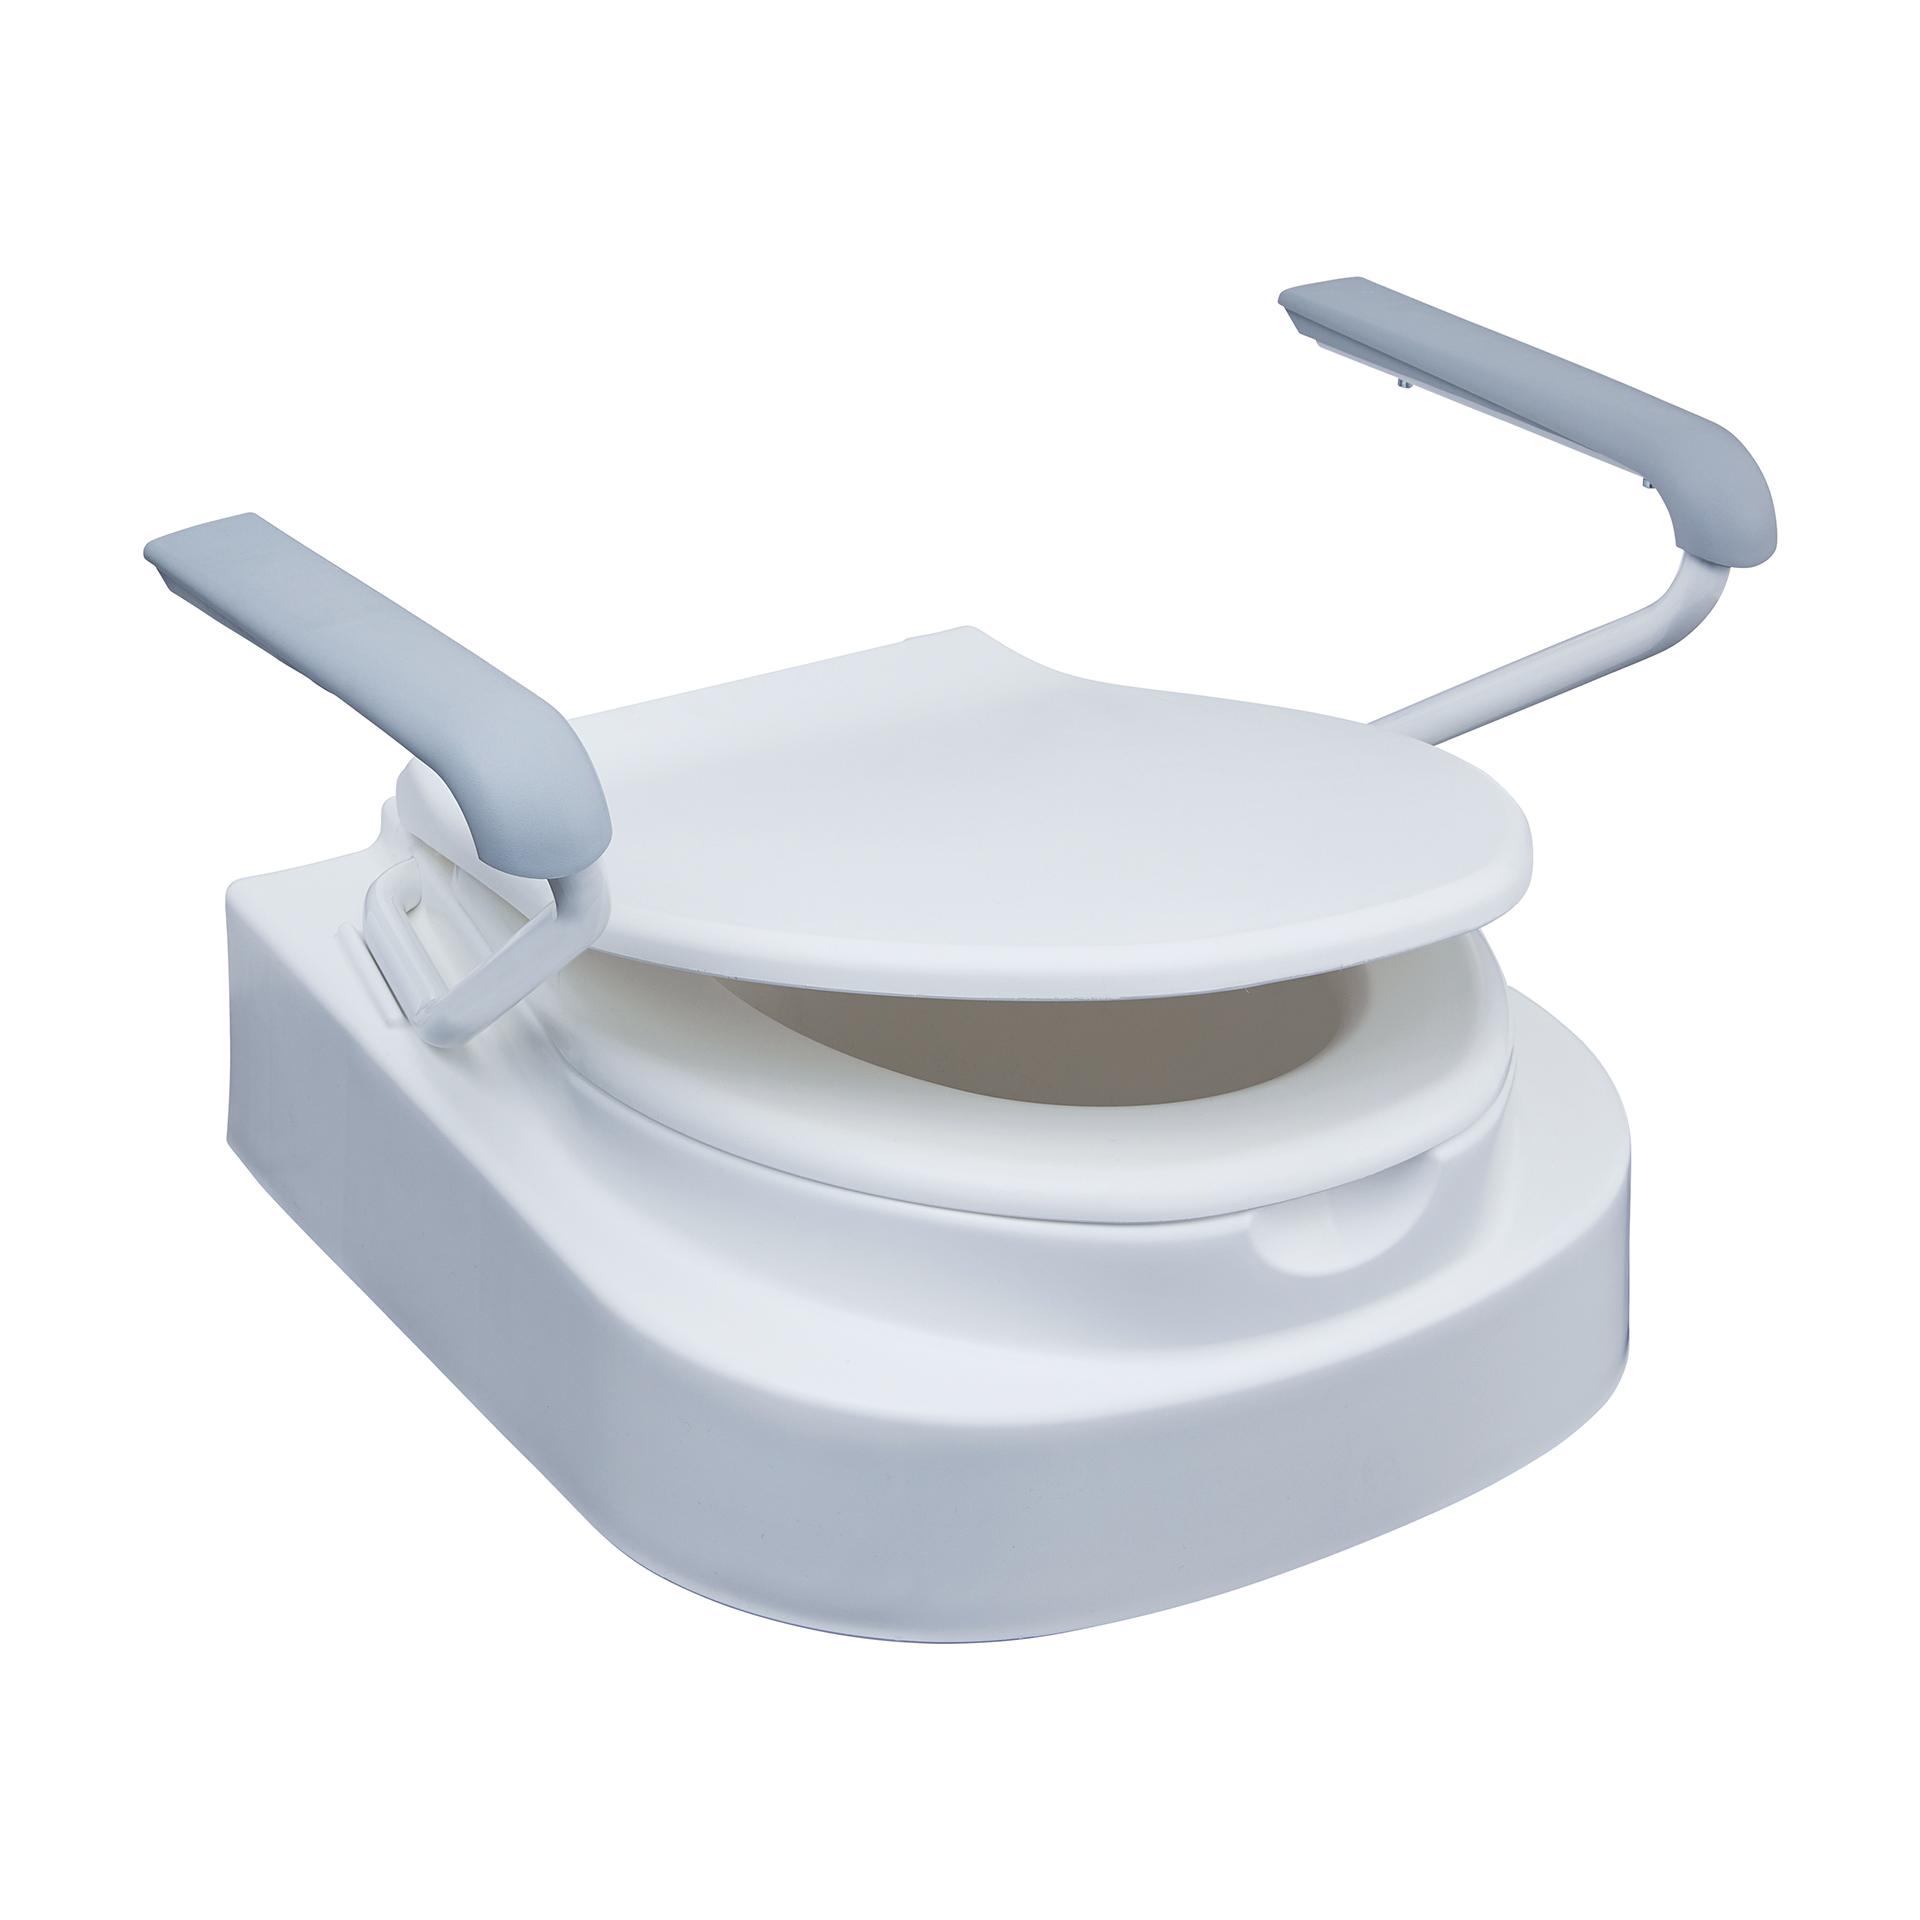 Relaxon Star Toilettensitzerhöhung mit Armlehnen und Deckel